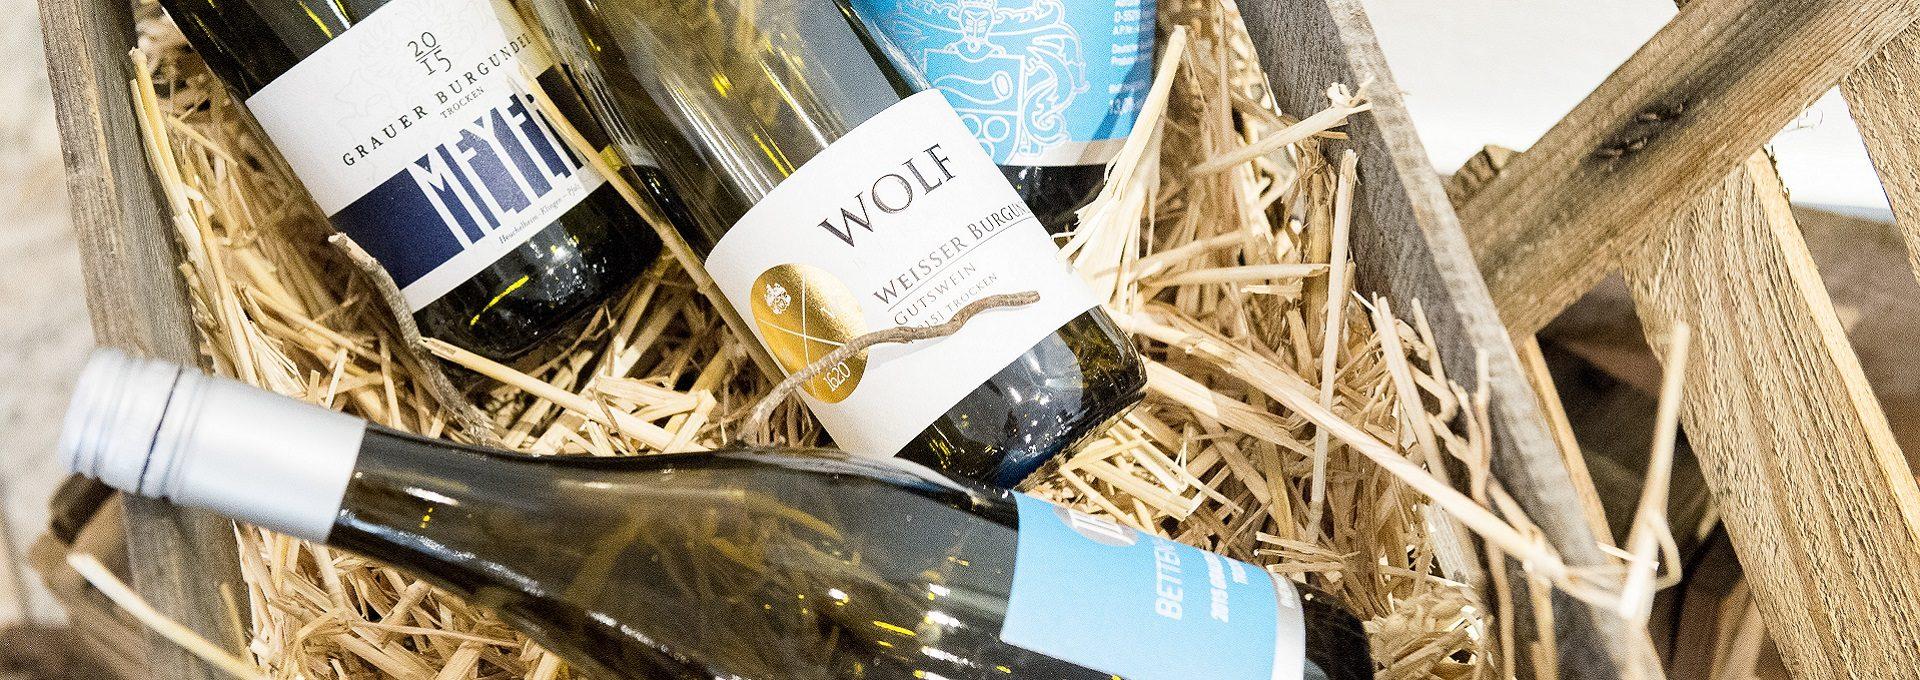 Aufnahme Weinflaschen